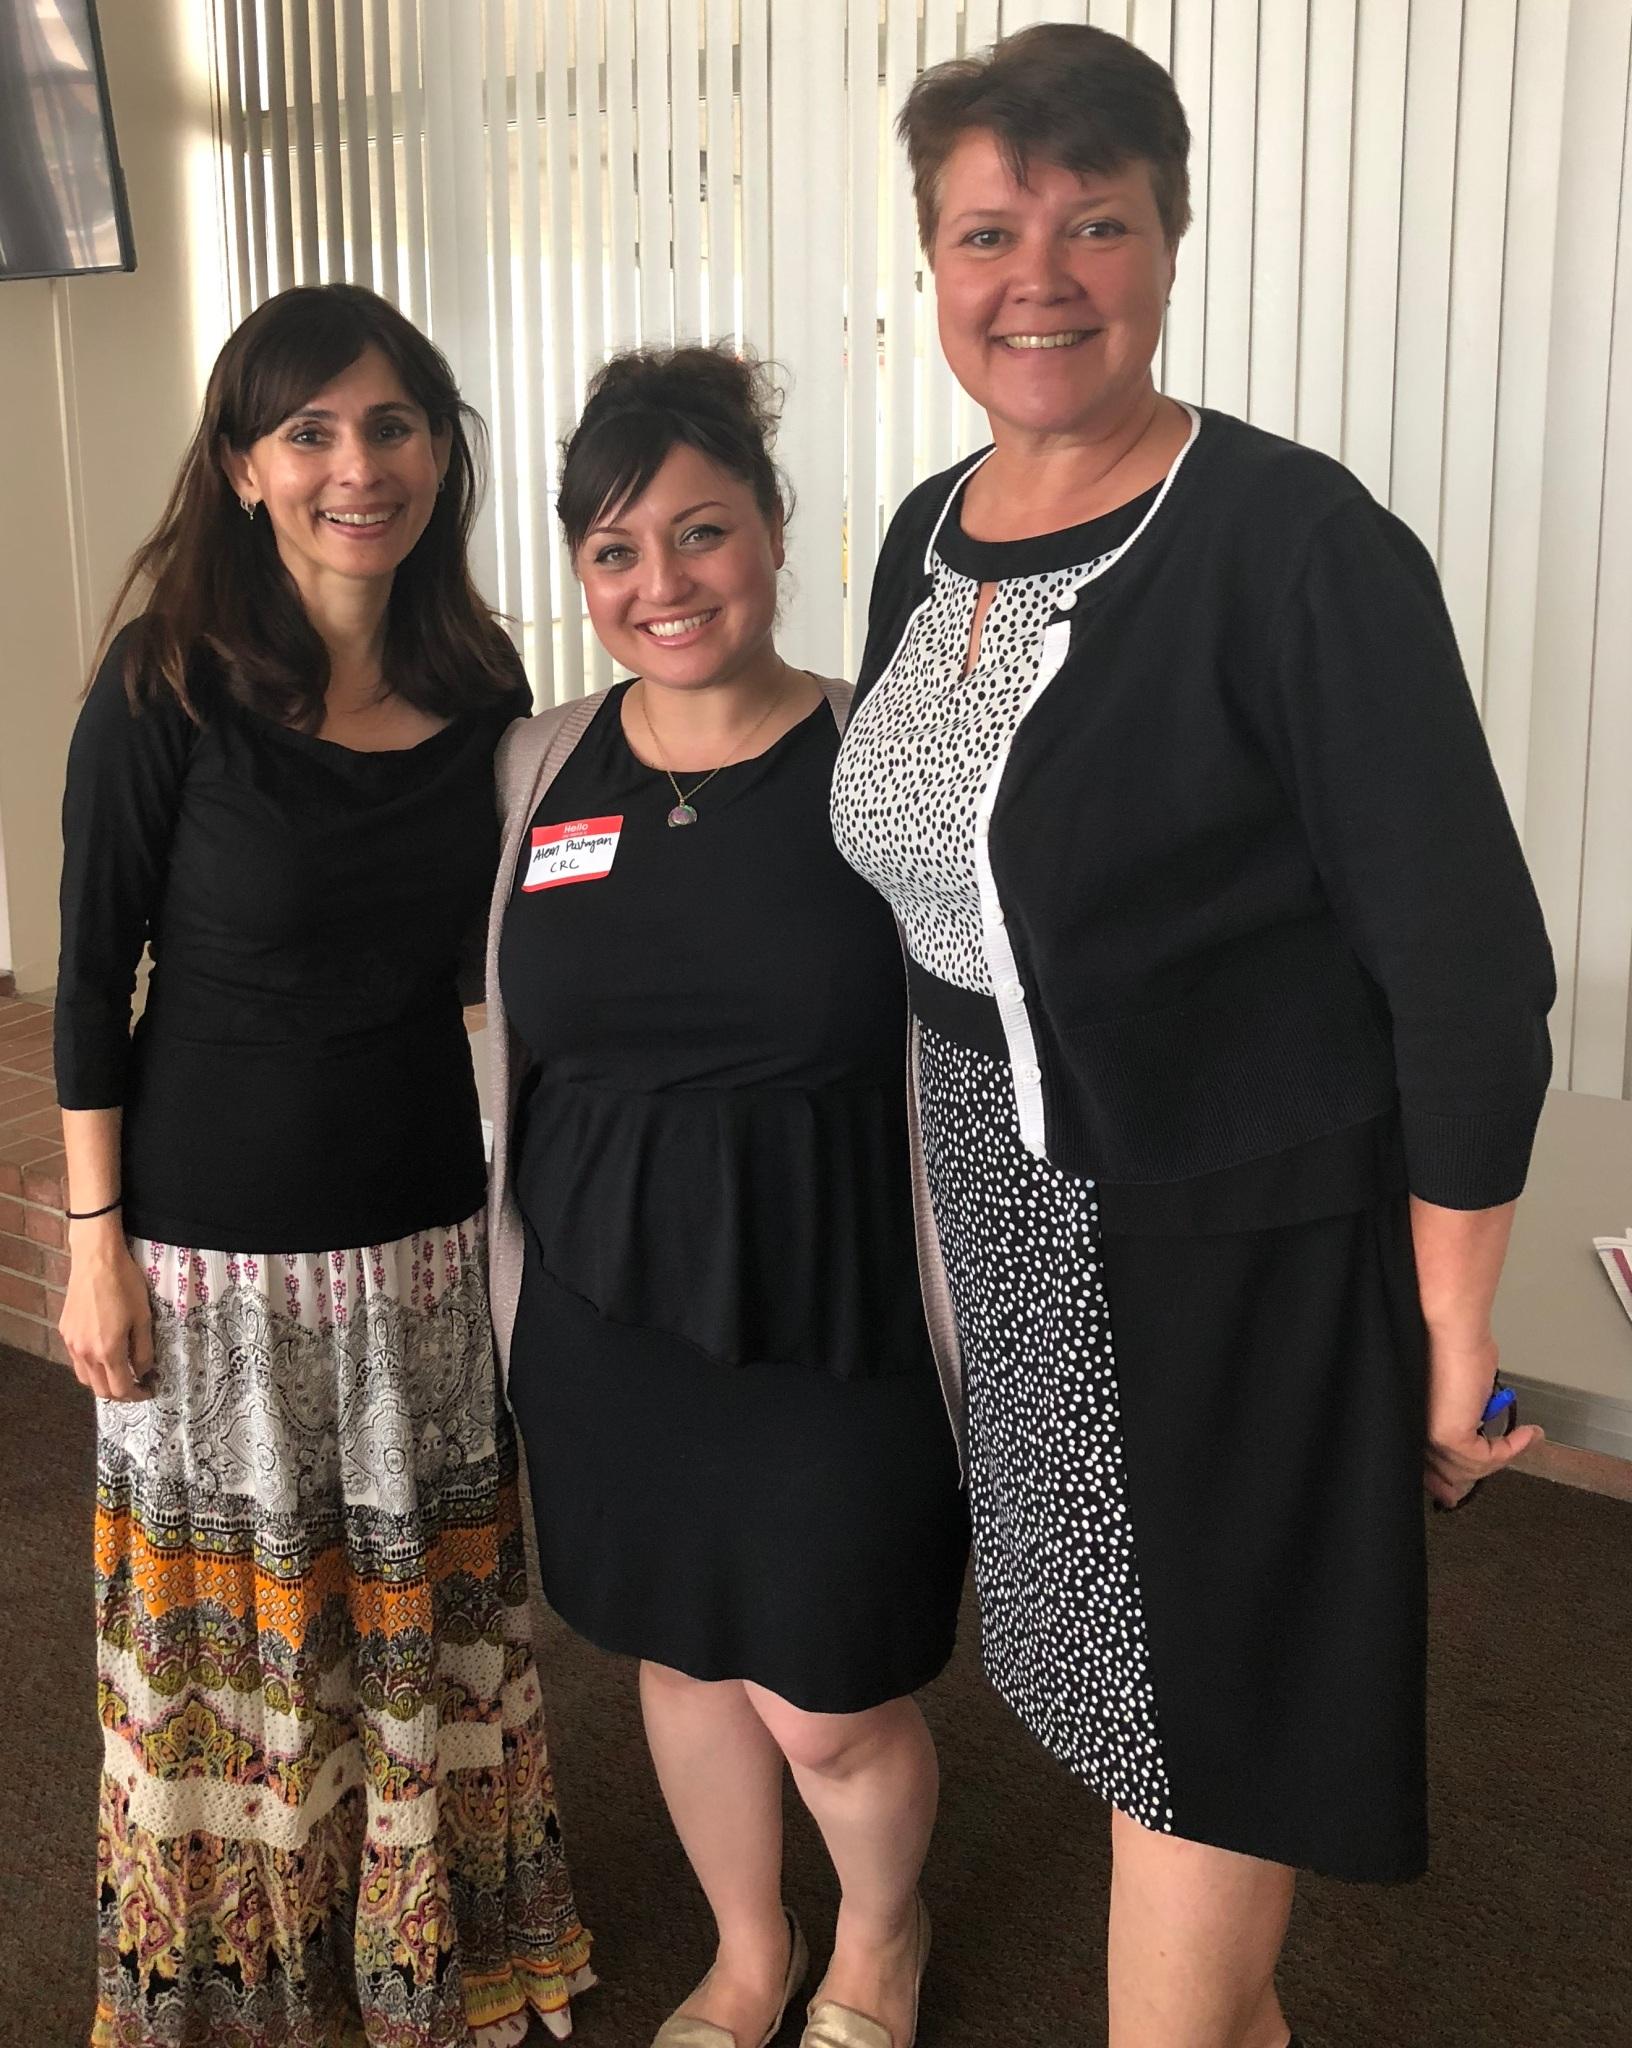 Lisa Baca and Sonya Christian Women's Empowerment May 4 2018